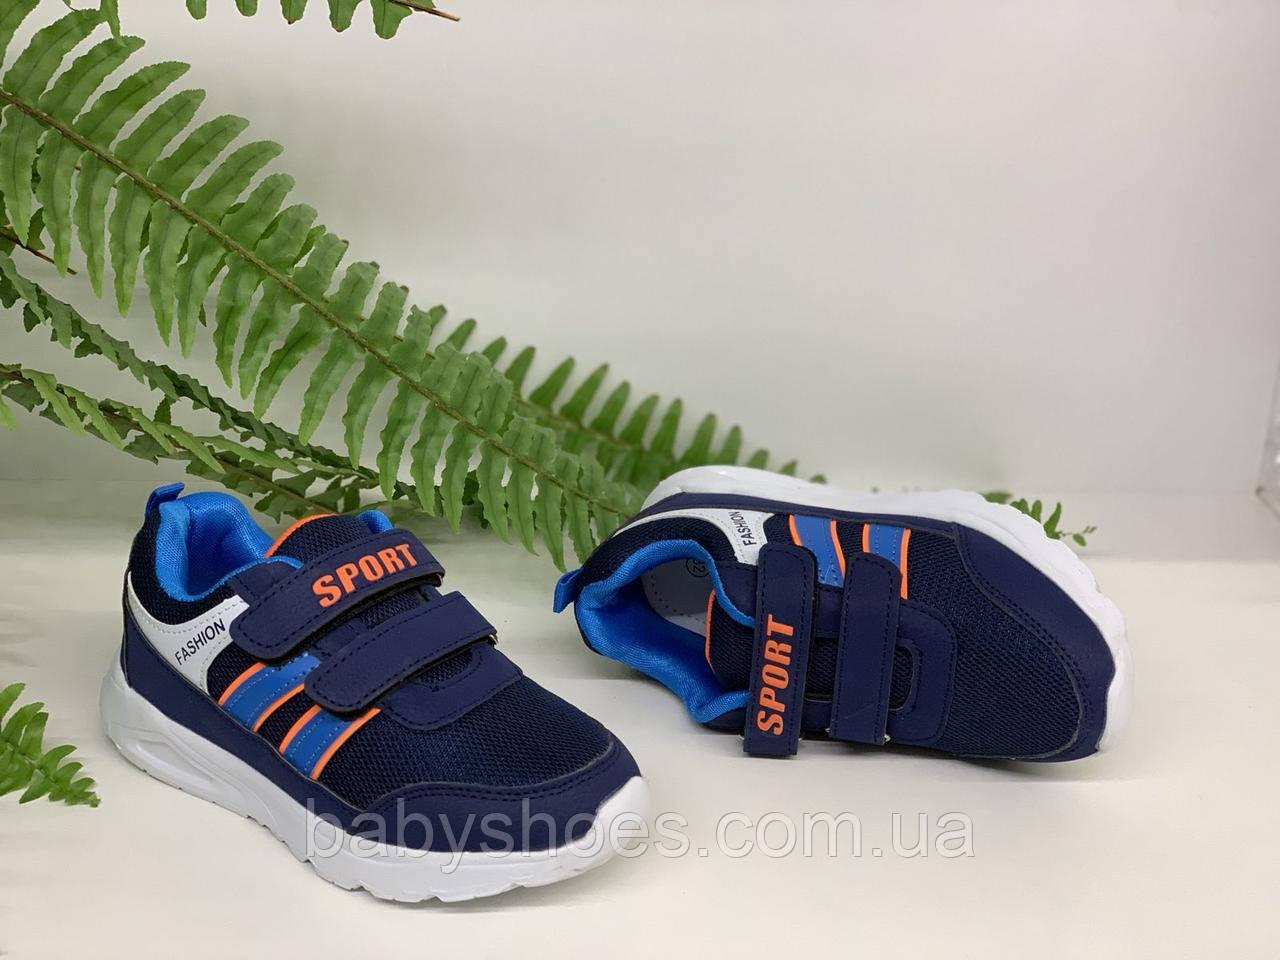 Кроссовки для мальчика Boyang   р.32-35 КМ-106